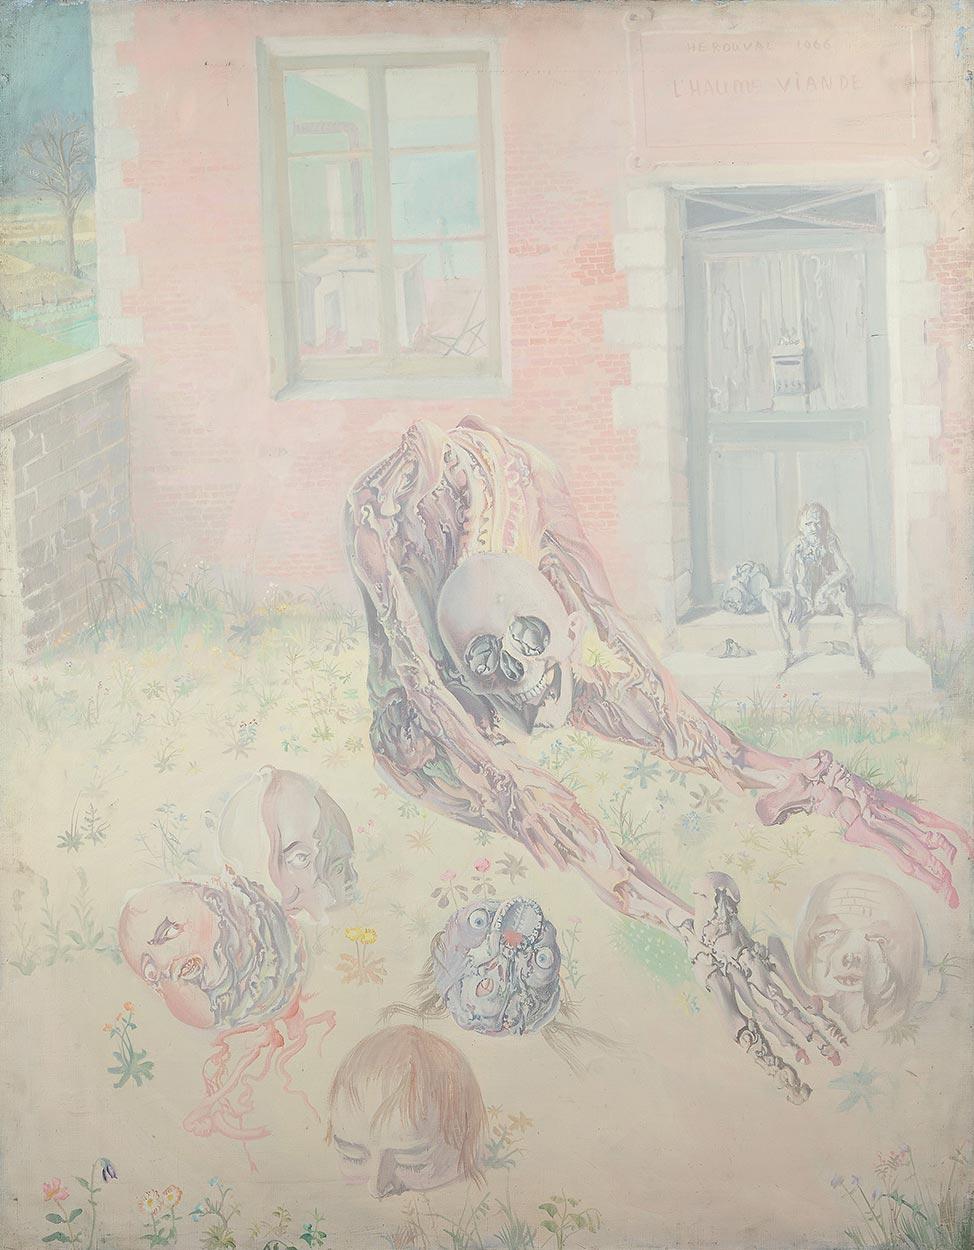 L'Haume viande, 1966